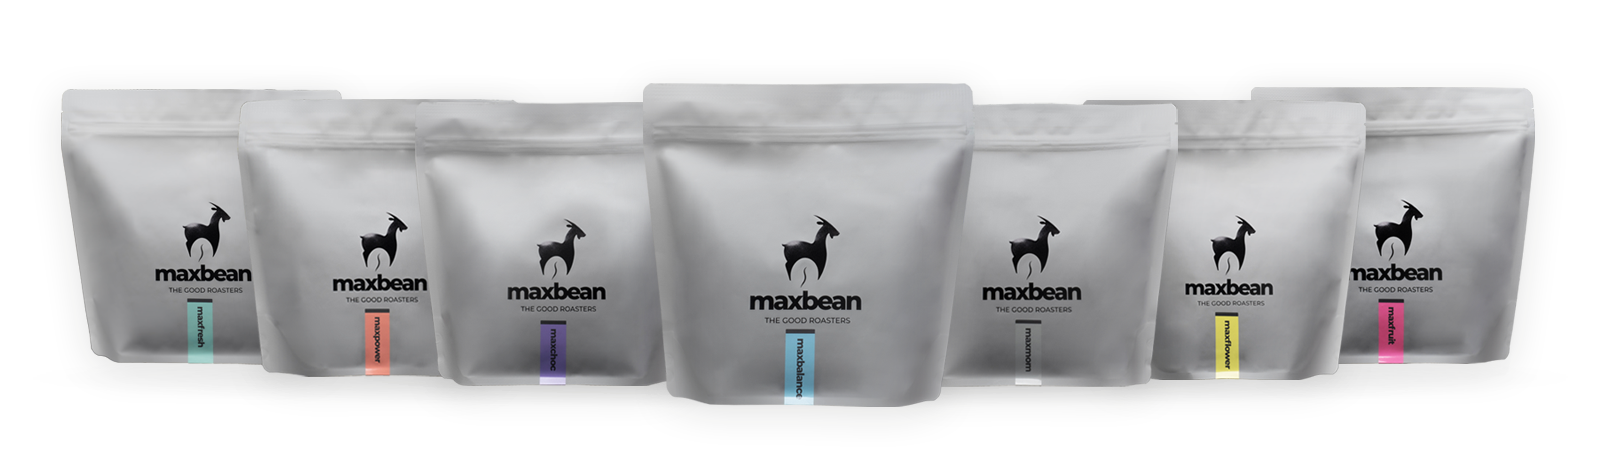 maxbean Kollektion #1